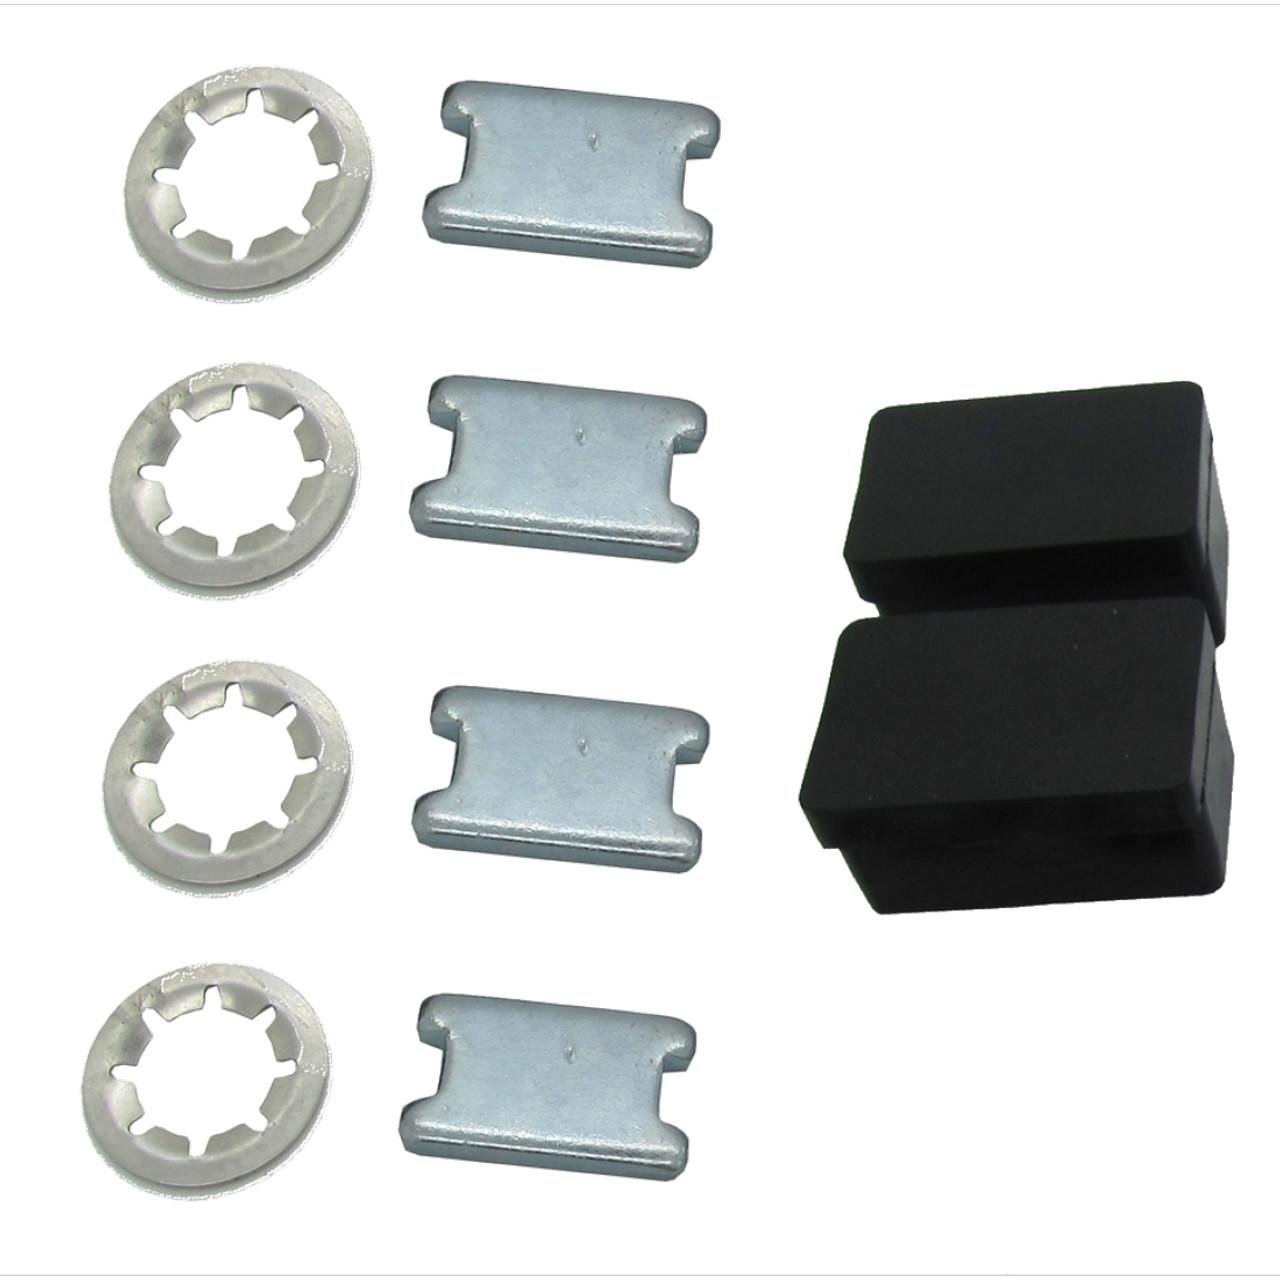 Minn Kota Trolling Motors >> Minn Kota Trolling Motor Bow Mount Pivot Pad Kit